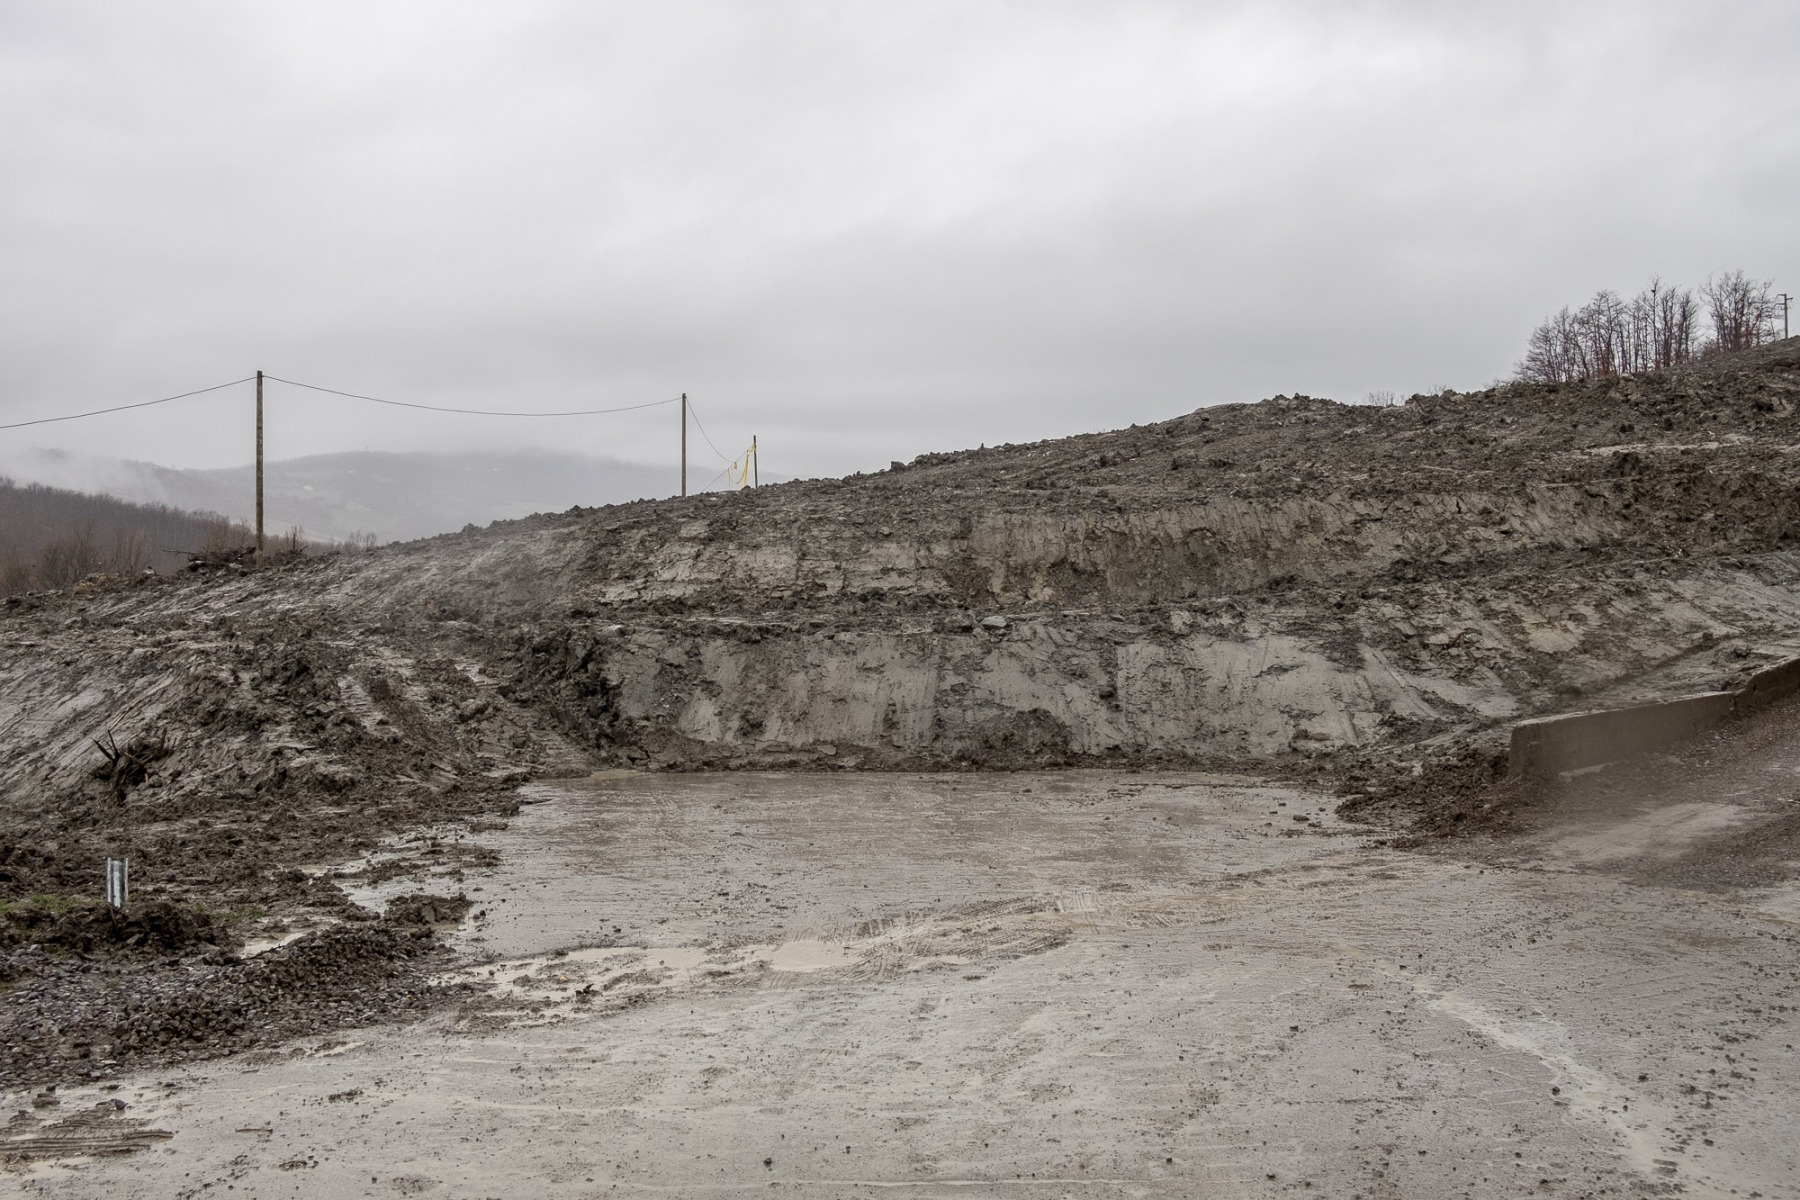 Appennino-bolognese-2018.-Fronte-franoso-nel-comune-di-Gaggio-Montano-lungo-la-statale-porrettana